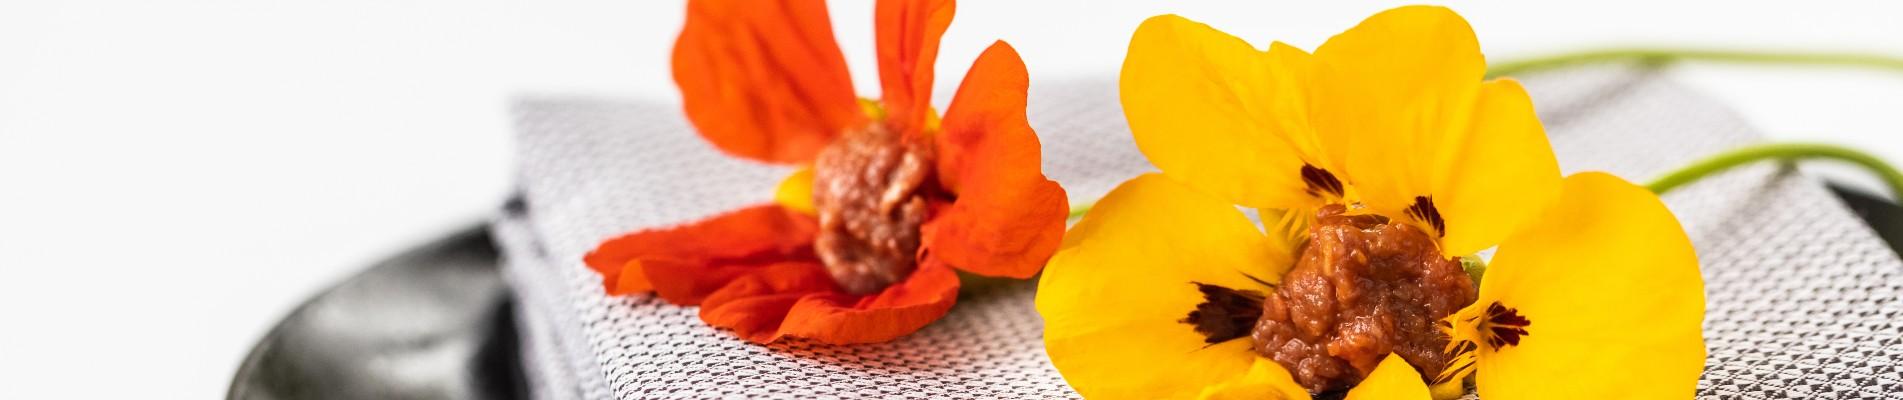 Pres-blomster-banner_1